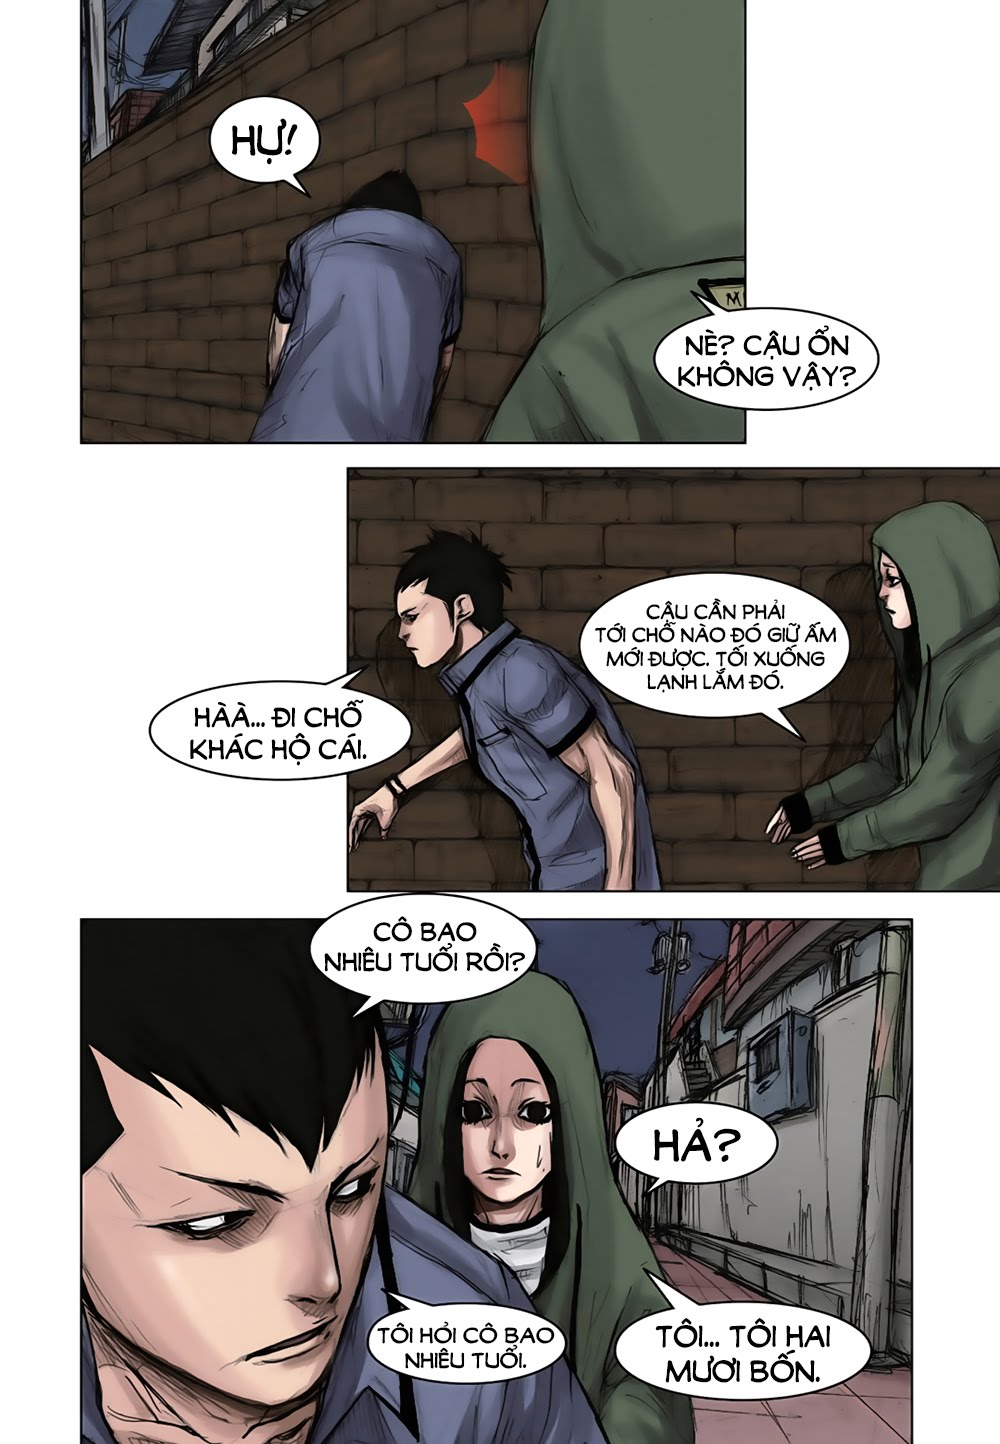 Tong phần 1-4 trang 35